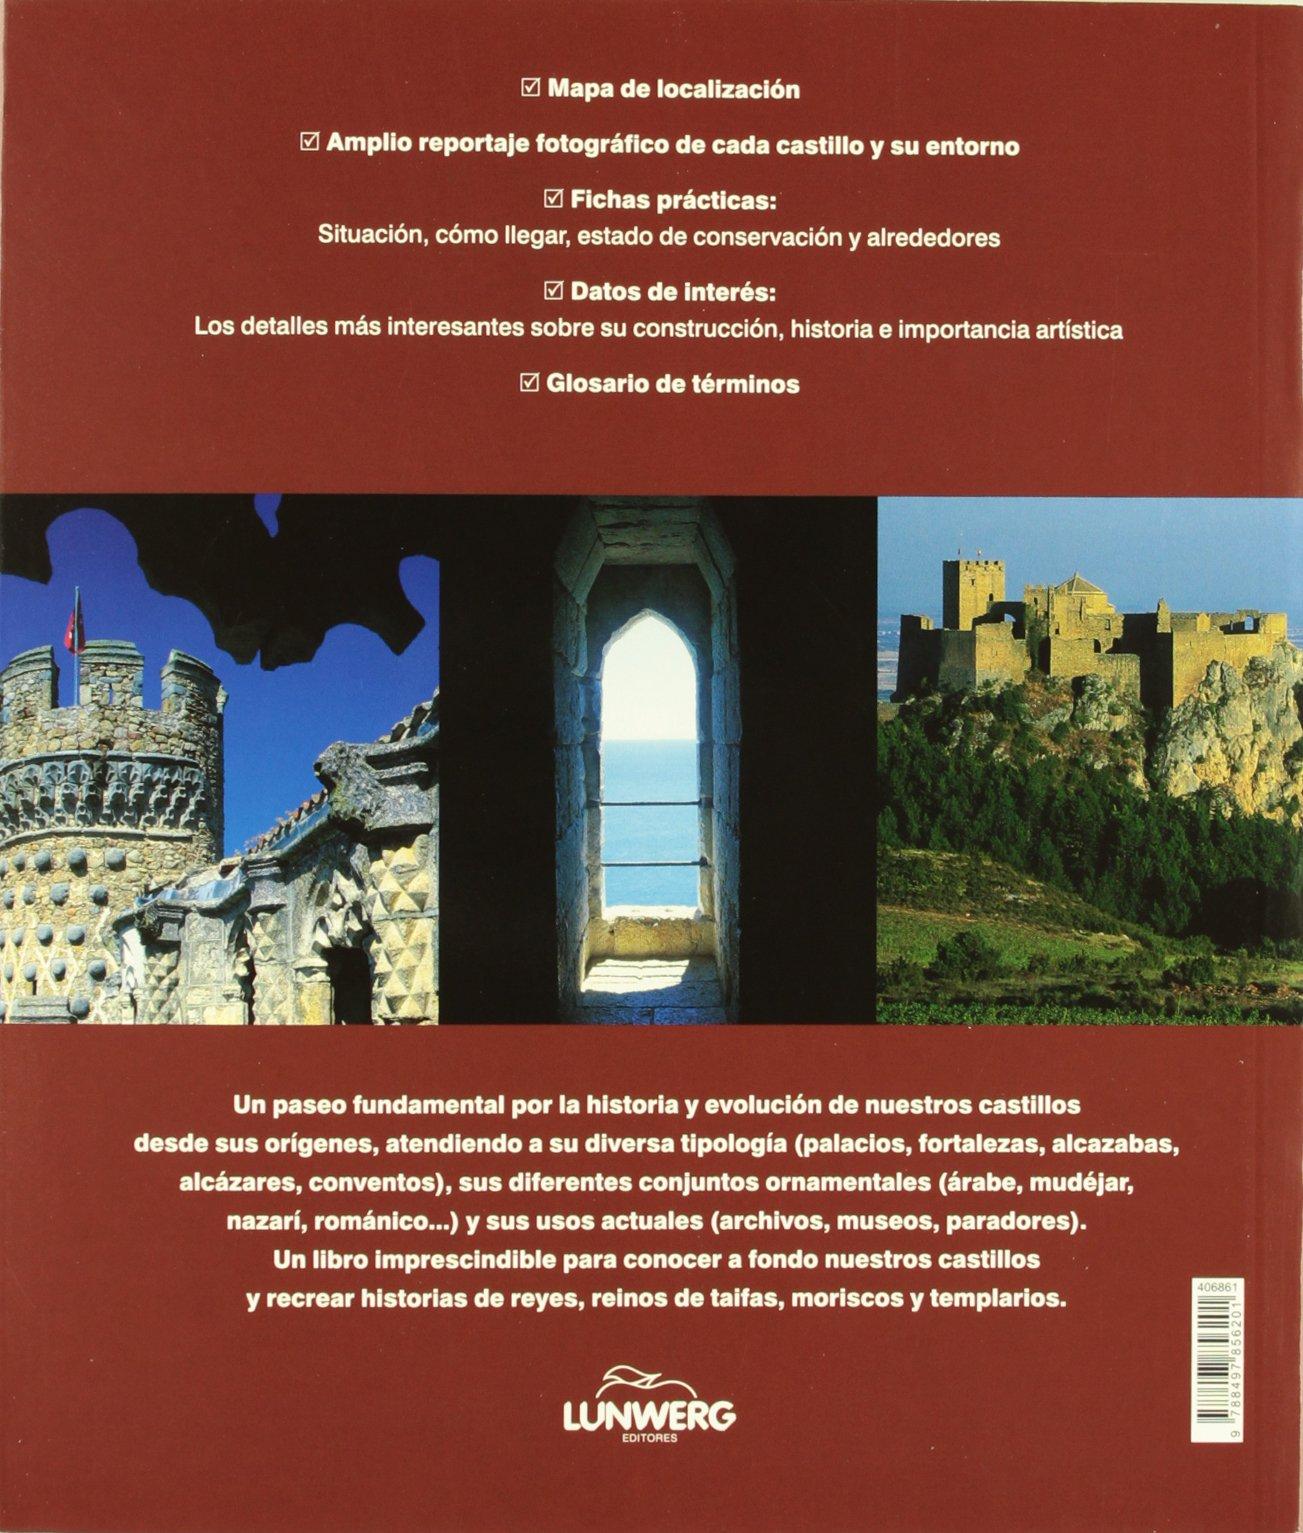 Castillos Medievales de España. Lunwerg Medium: Amazon.es: Monreal y Tejada, Luis: Libros